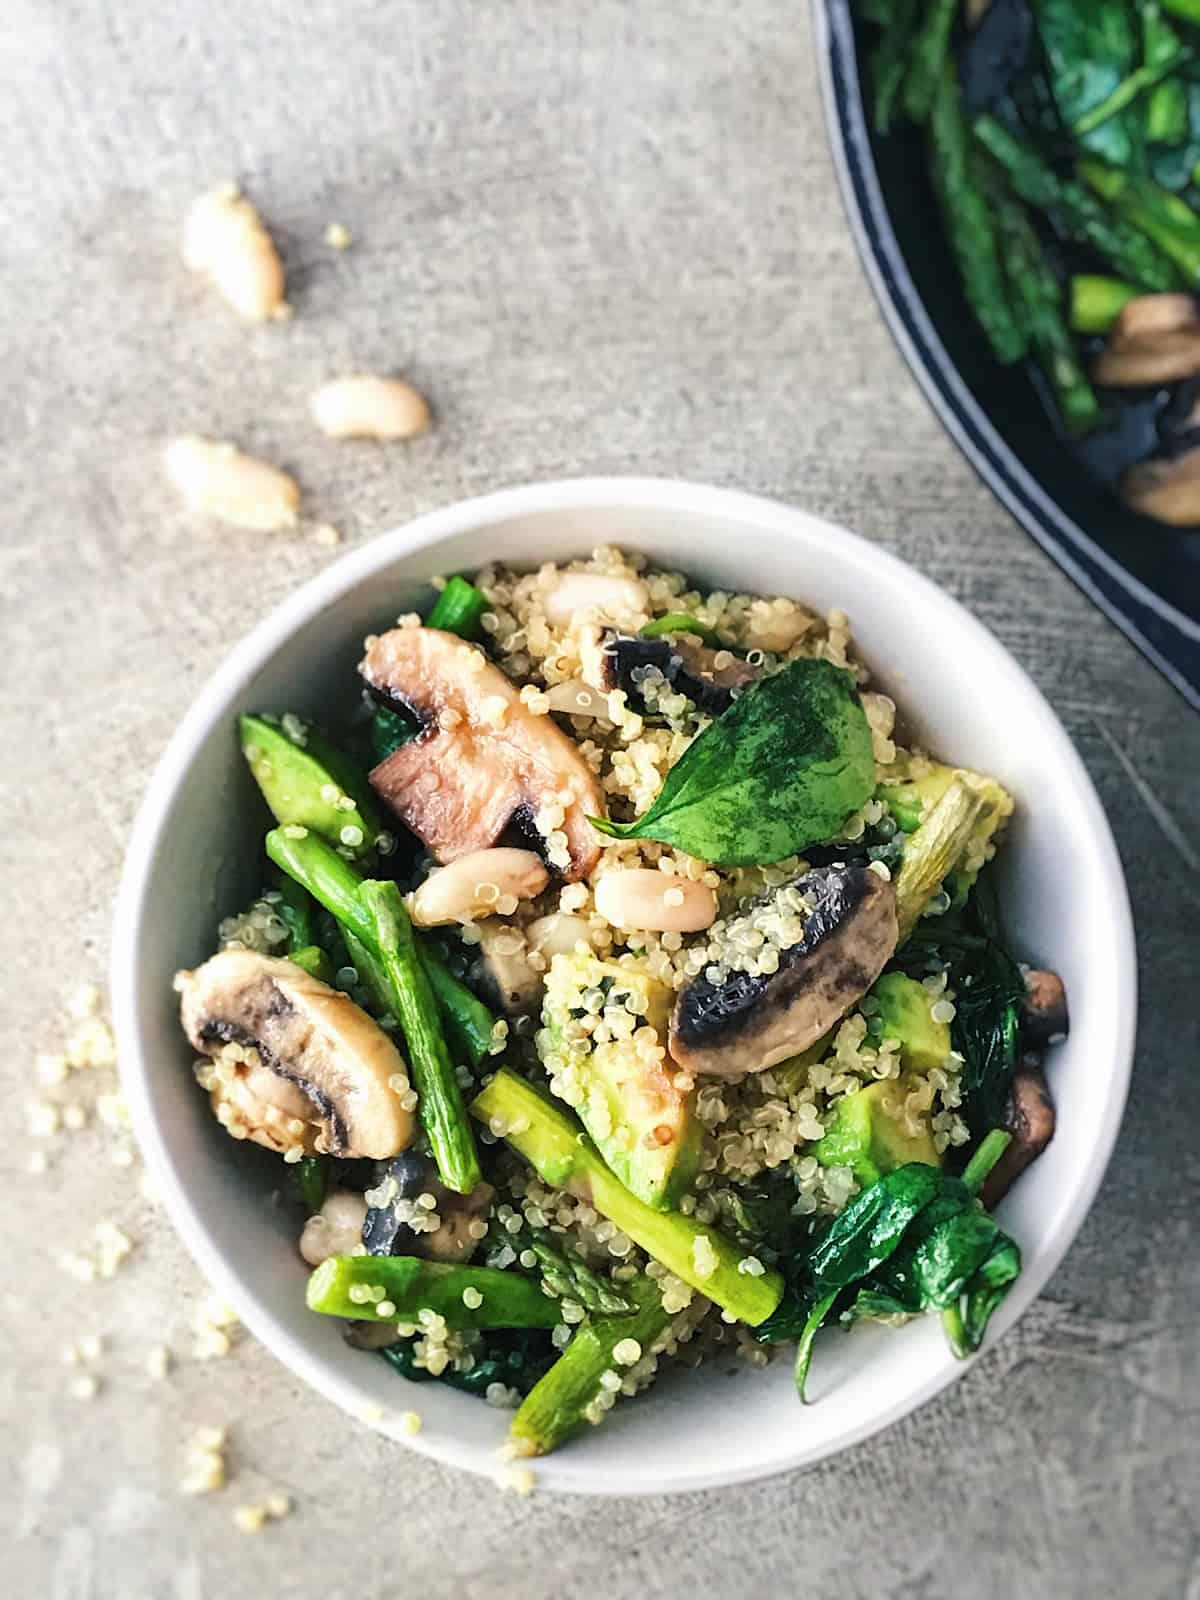 receta vegetariana con quinoa y alubias blancas